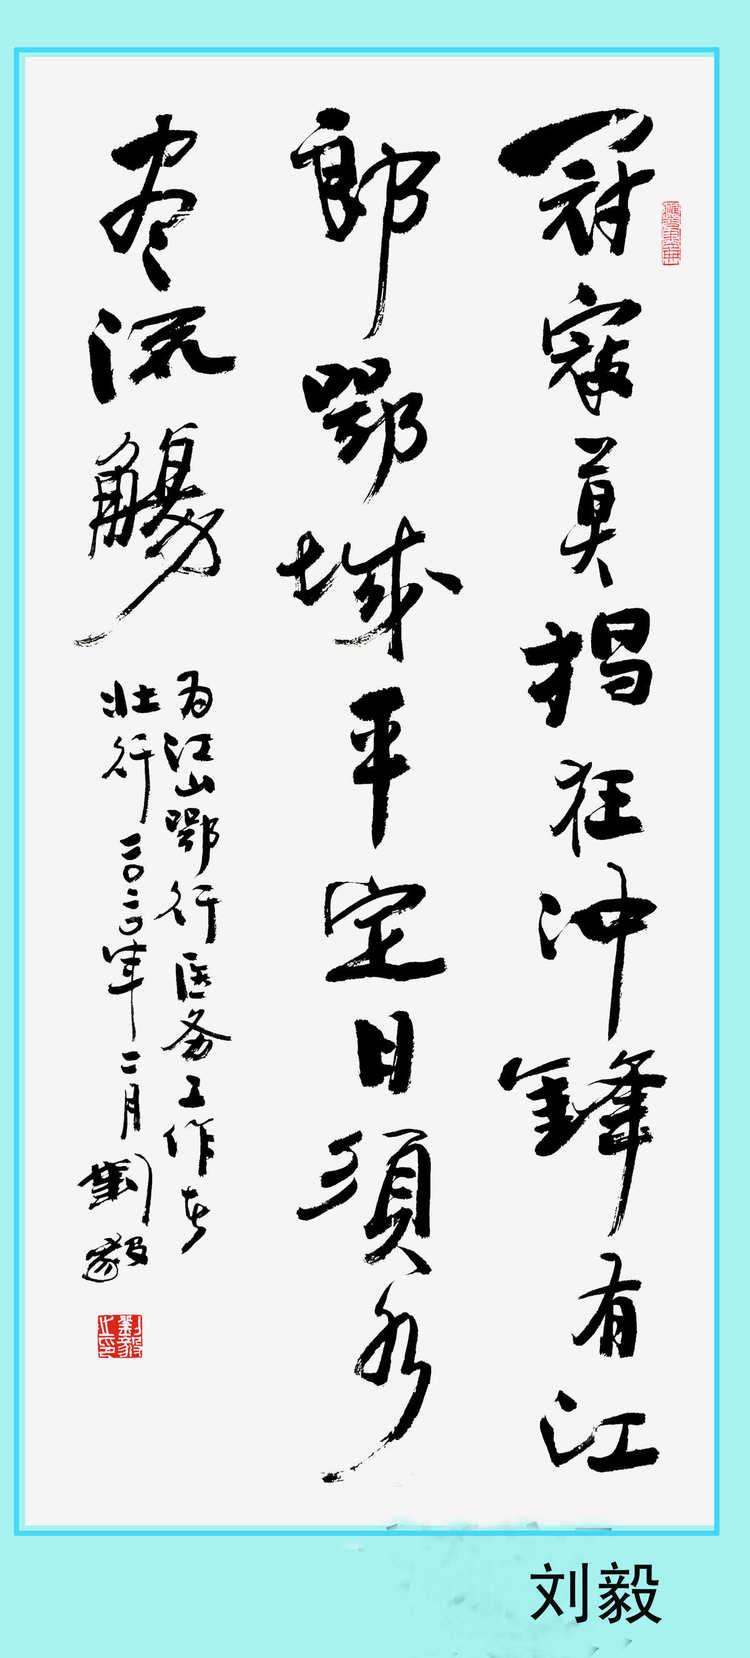 用行动诠释出新时代妇女运动的最强音——江山老年书画会庆祝三八妇女节网上书画作品展